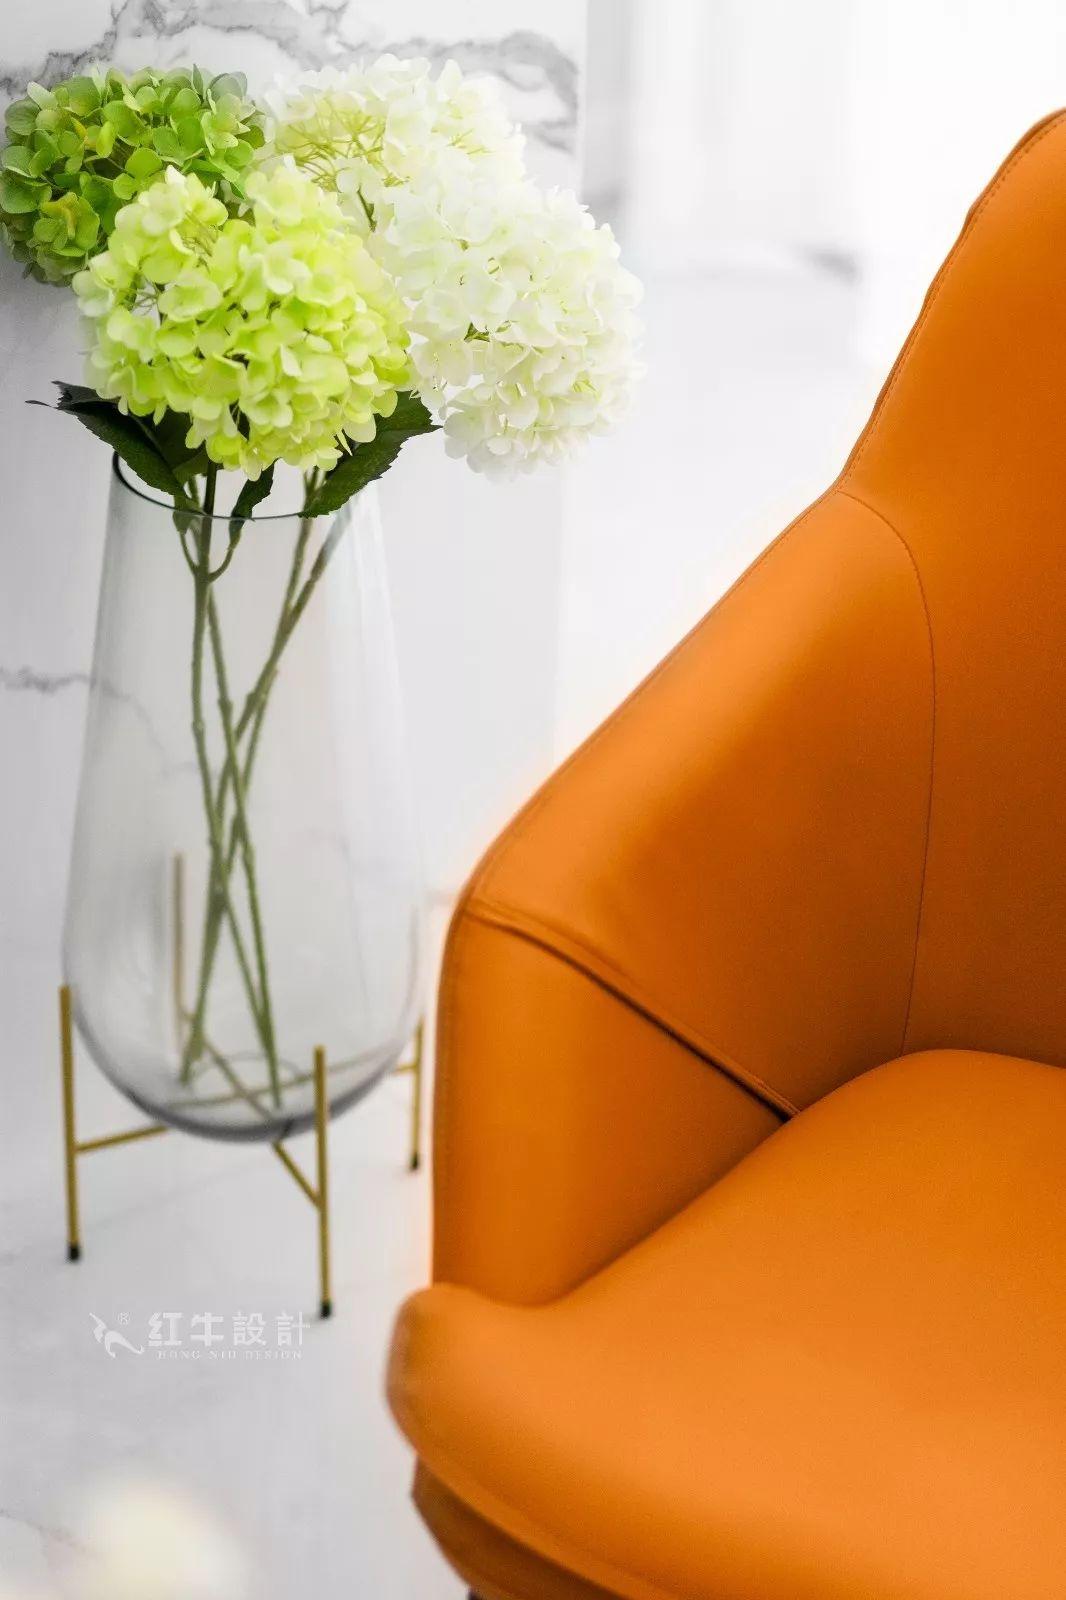 南京雅居乐145㎡现代简约--演绎当代生活美学05客厅设计04小饰品